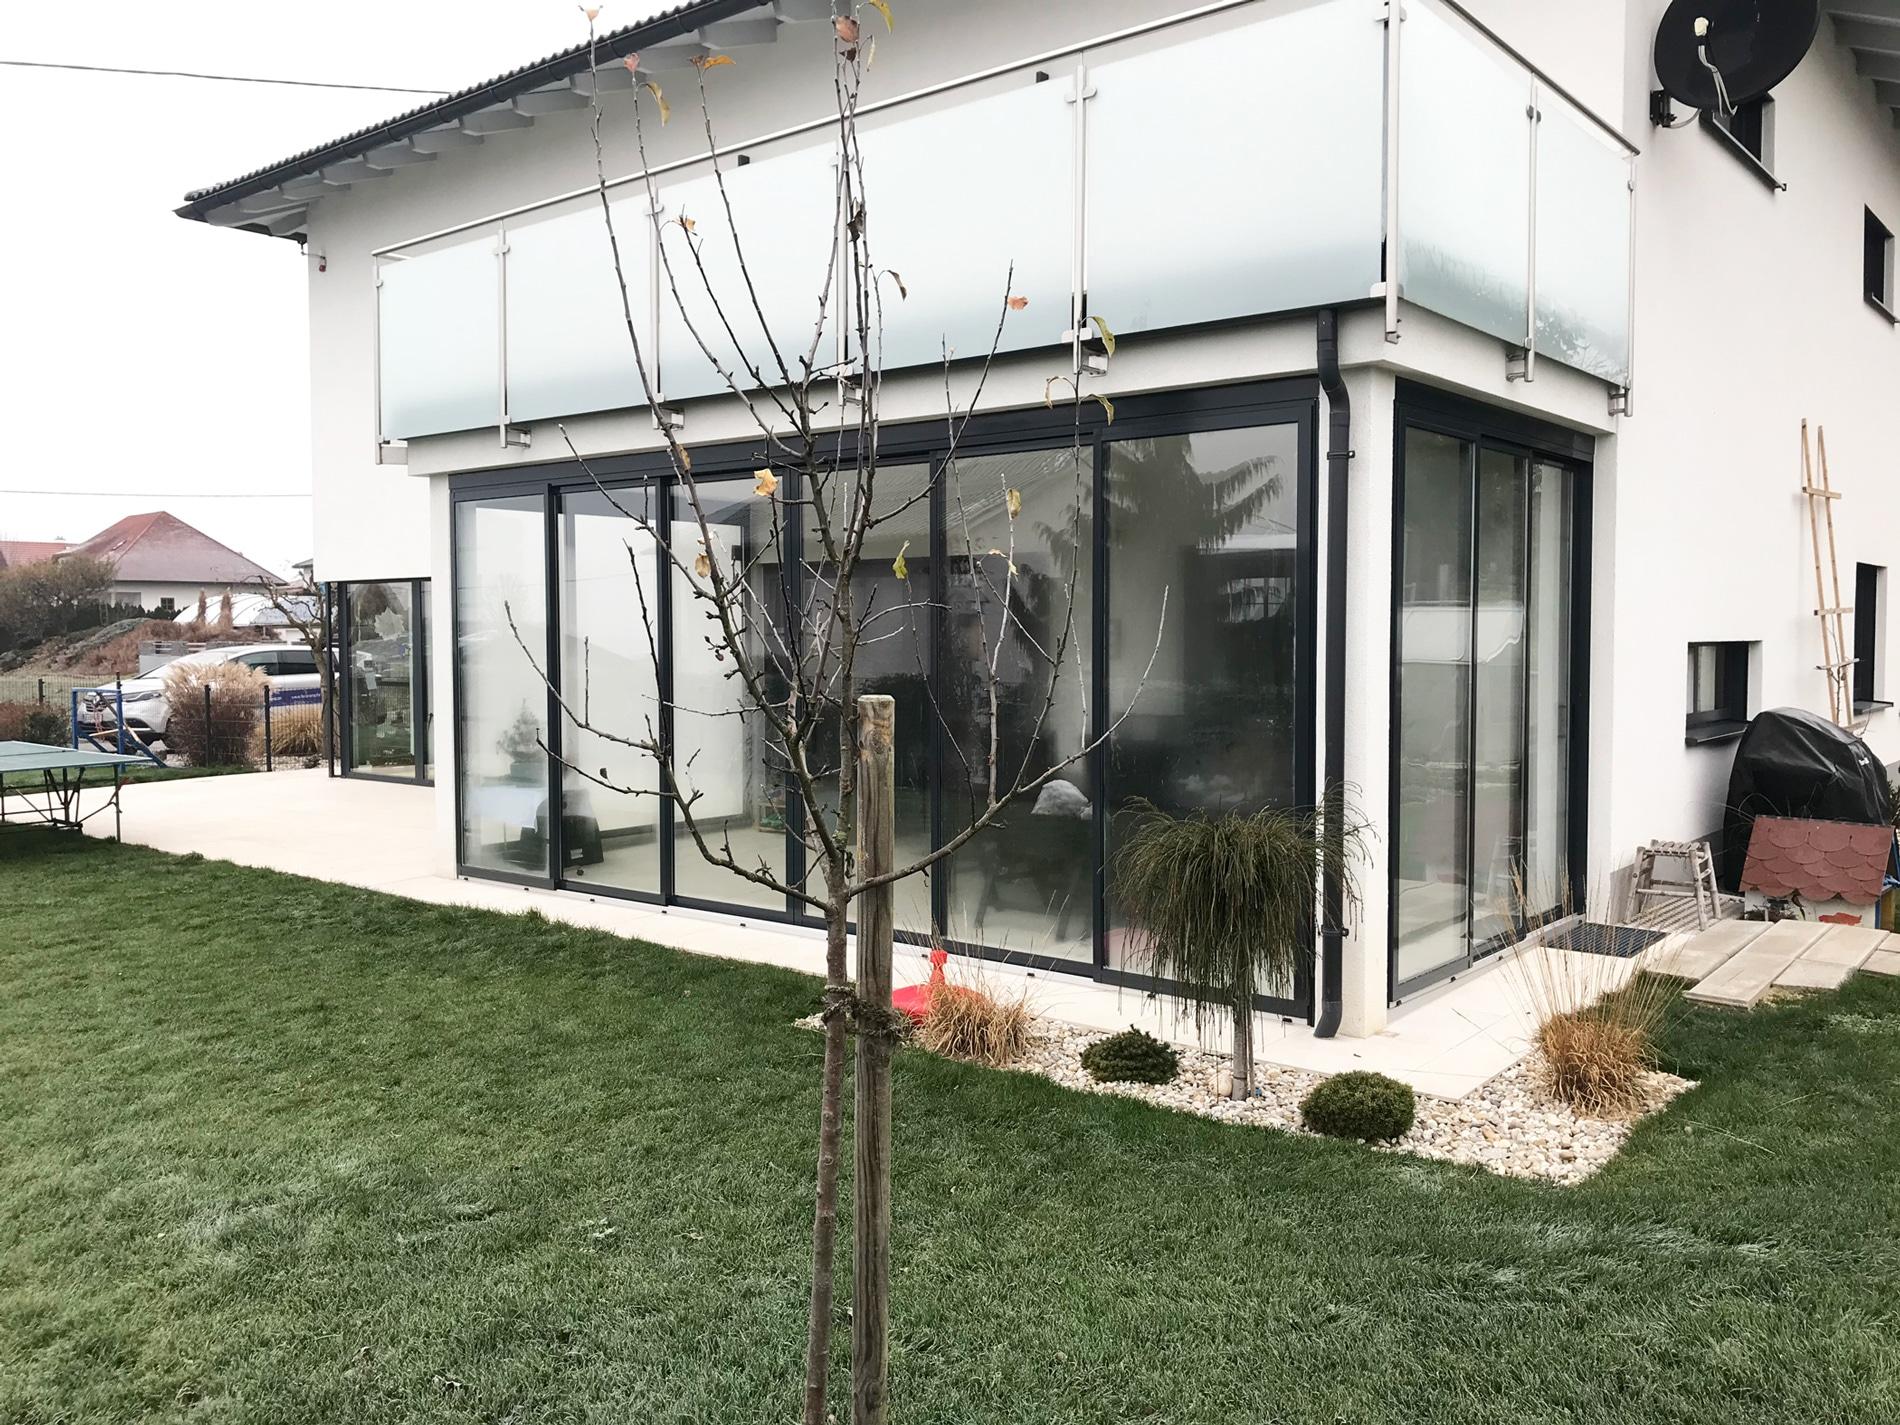 Terrassenverbau mit gerahmten Schiebetüren in Bezirk Freistadt